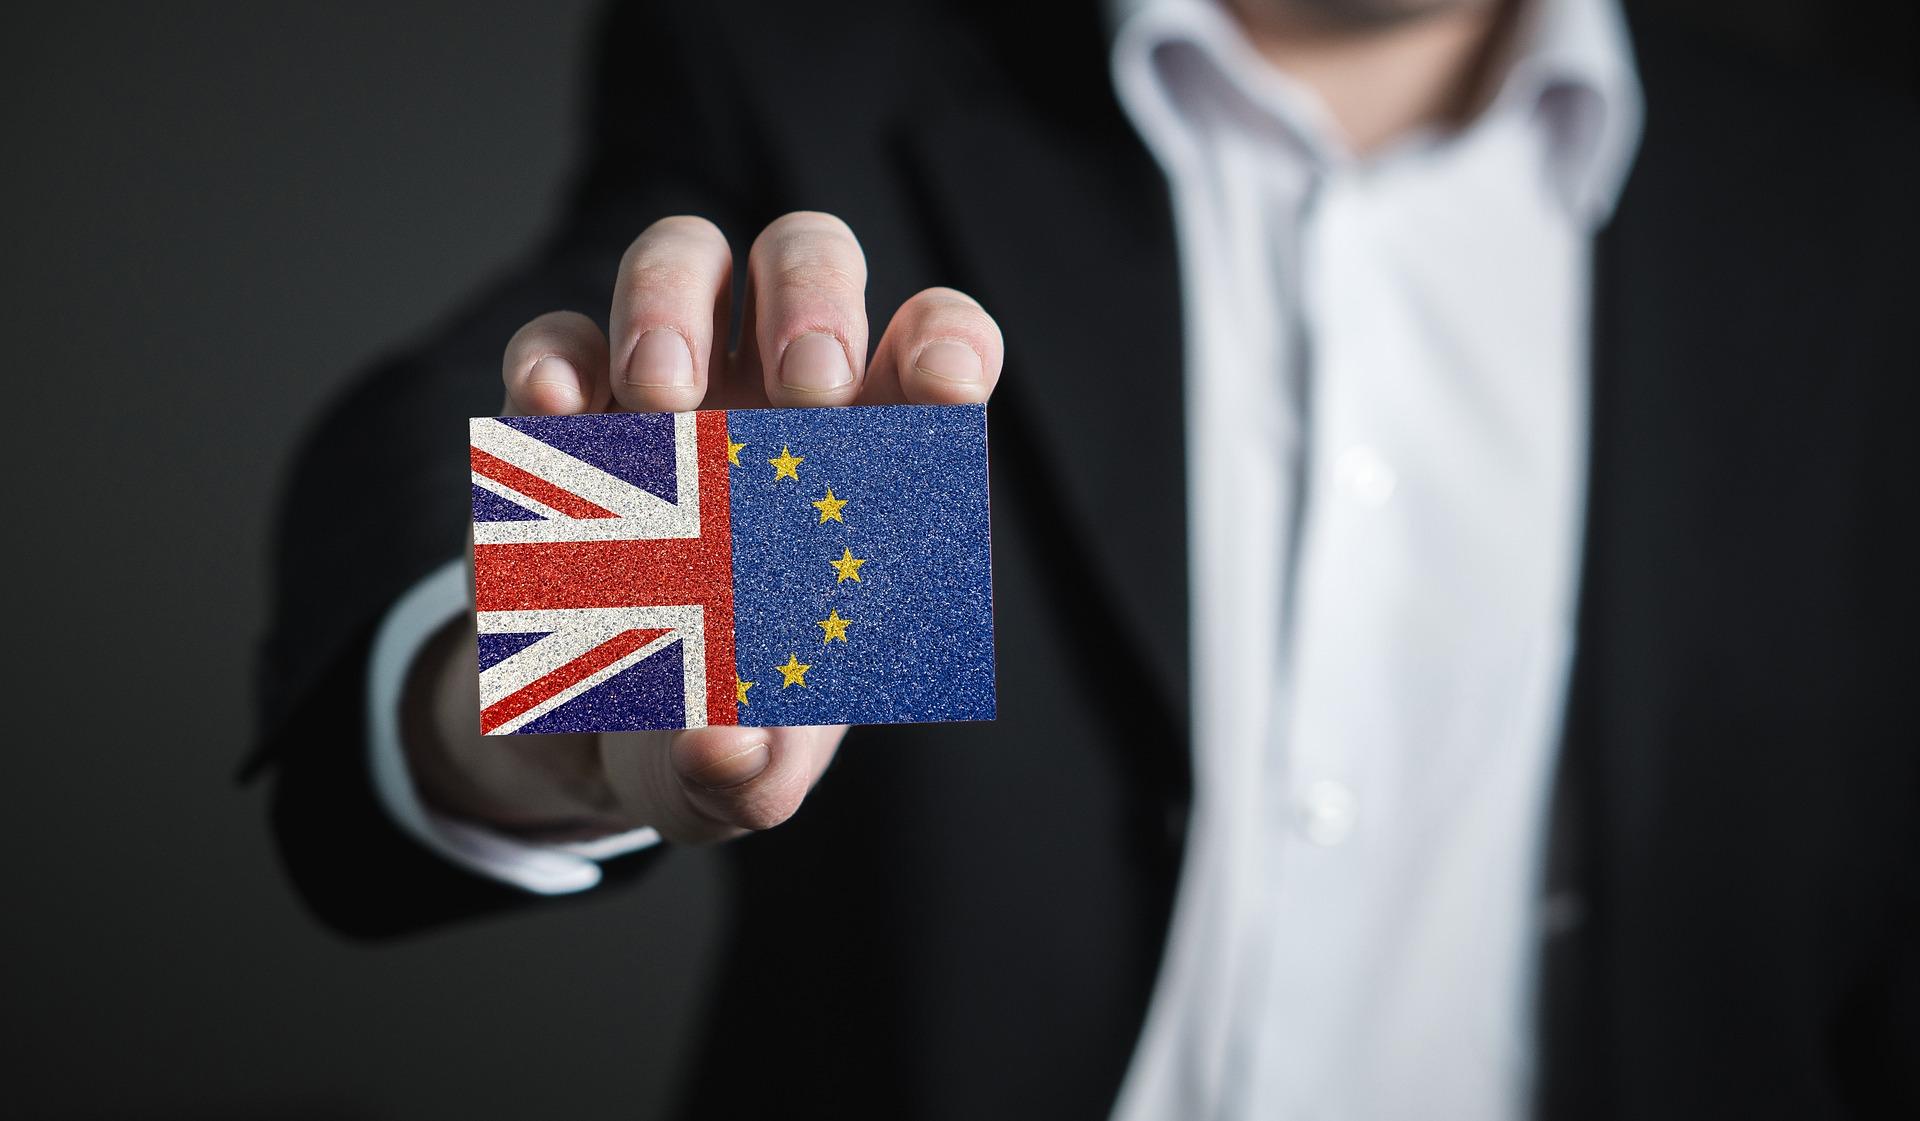 Urząd przypomina, że w Warszawie, Gdańsku i Krakowie odbędą się spotkania informacyjne dla obywateli Wielkiej Brytanii mieszkających w Polsce. (fot. pixabay.com)